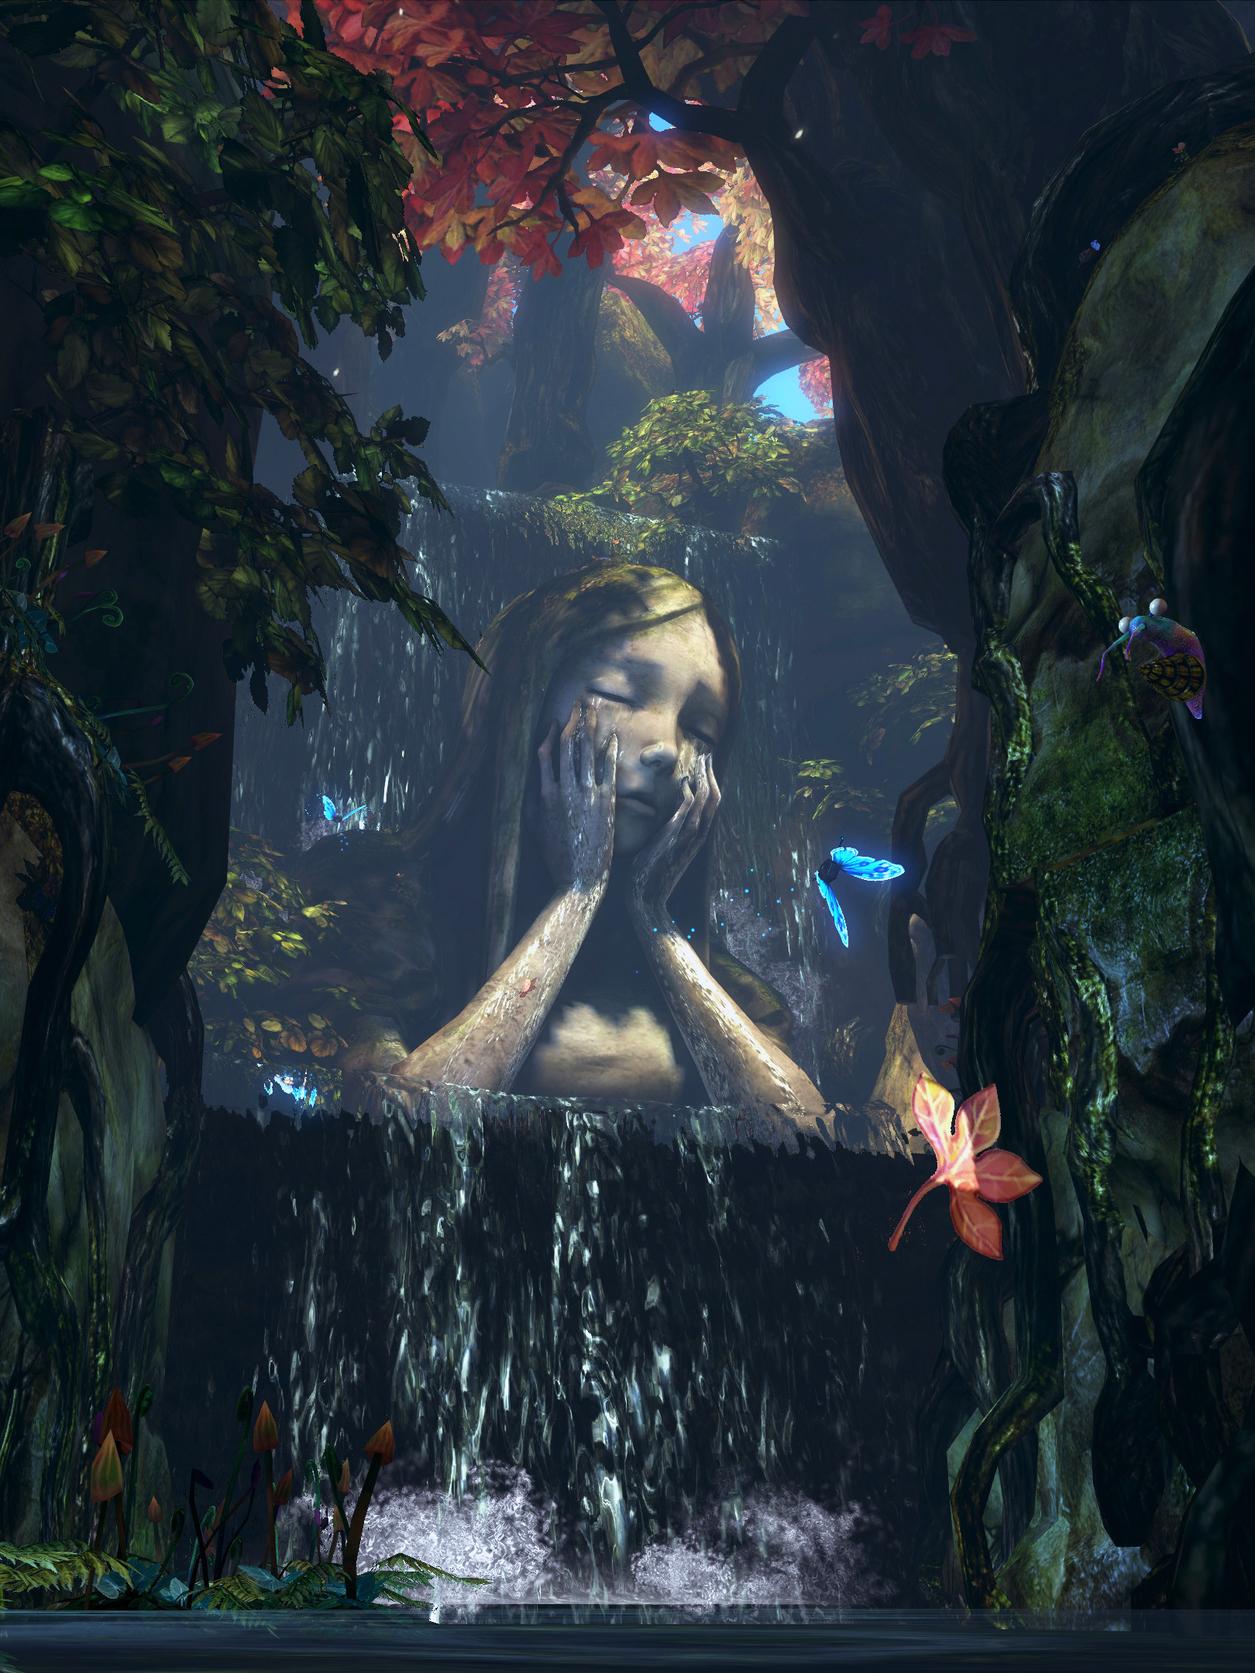 『Alice: Madness Returns』 アートではなくゲームからの1枚